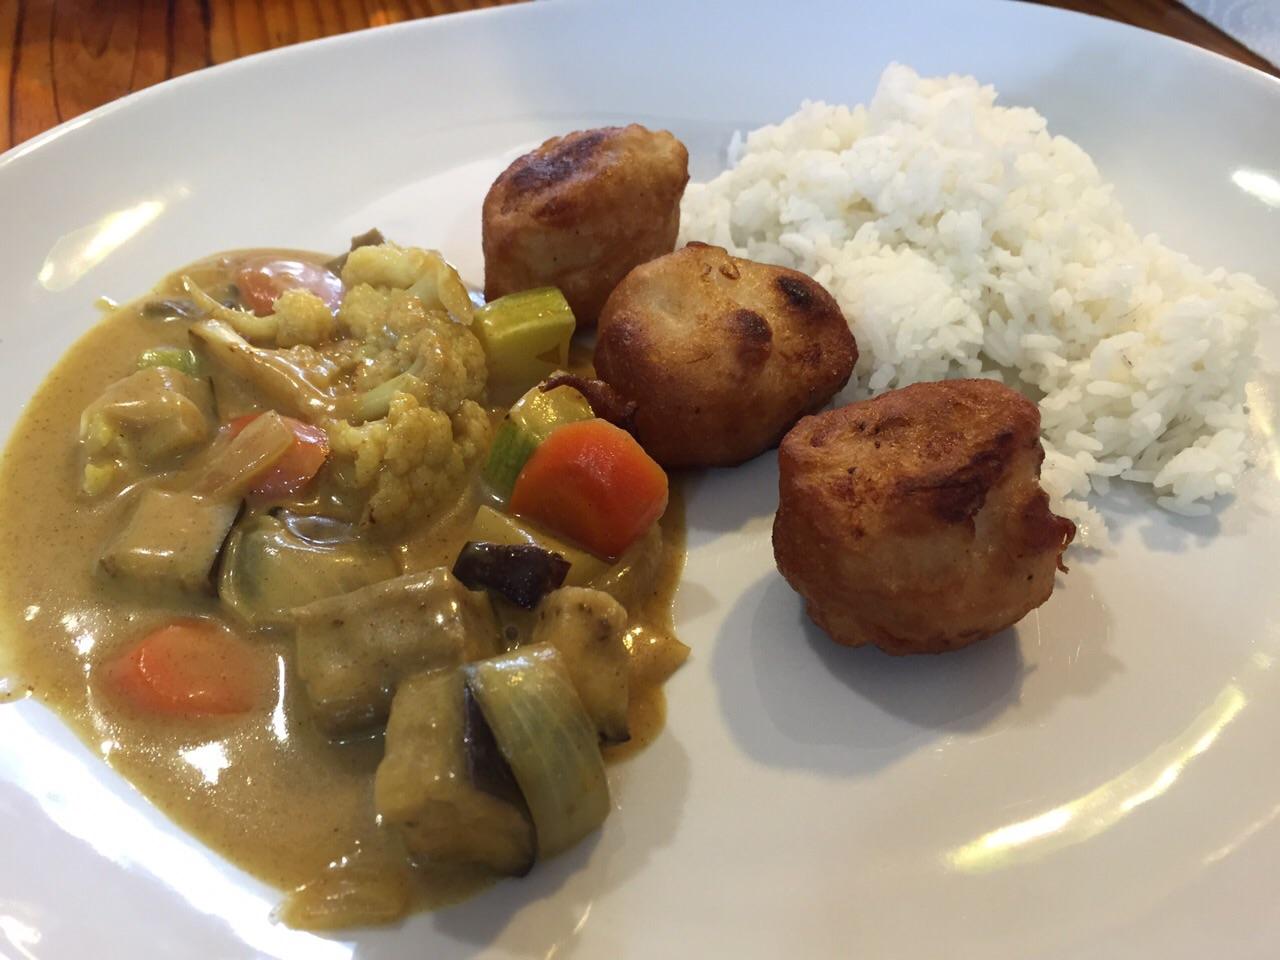 Verduras con salsa de curry, arroz basmati y merluza rebozada, con Thermomix®